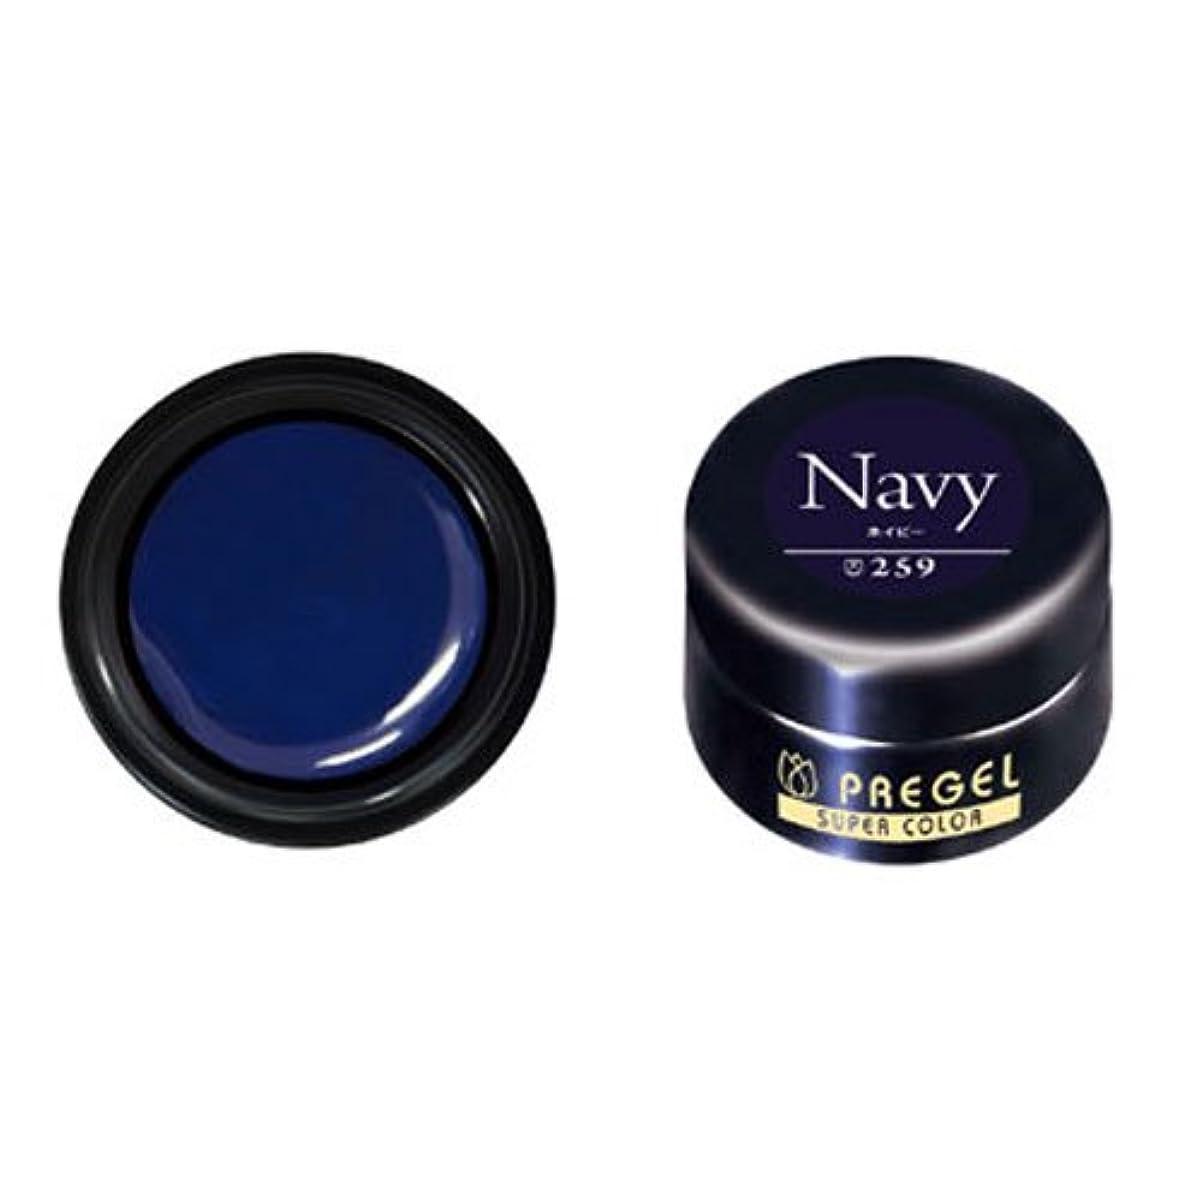 先タバコ血まみれプリジェル スーパーカラーEX ネイビー 4g PG-SE259 カラージェル UV/LED対応